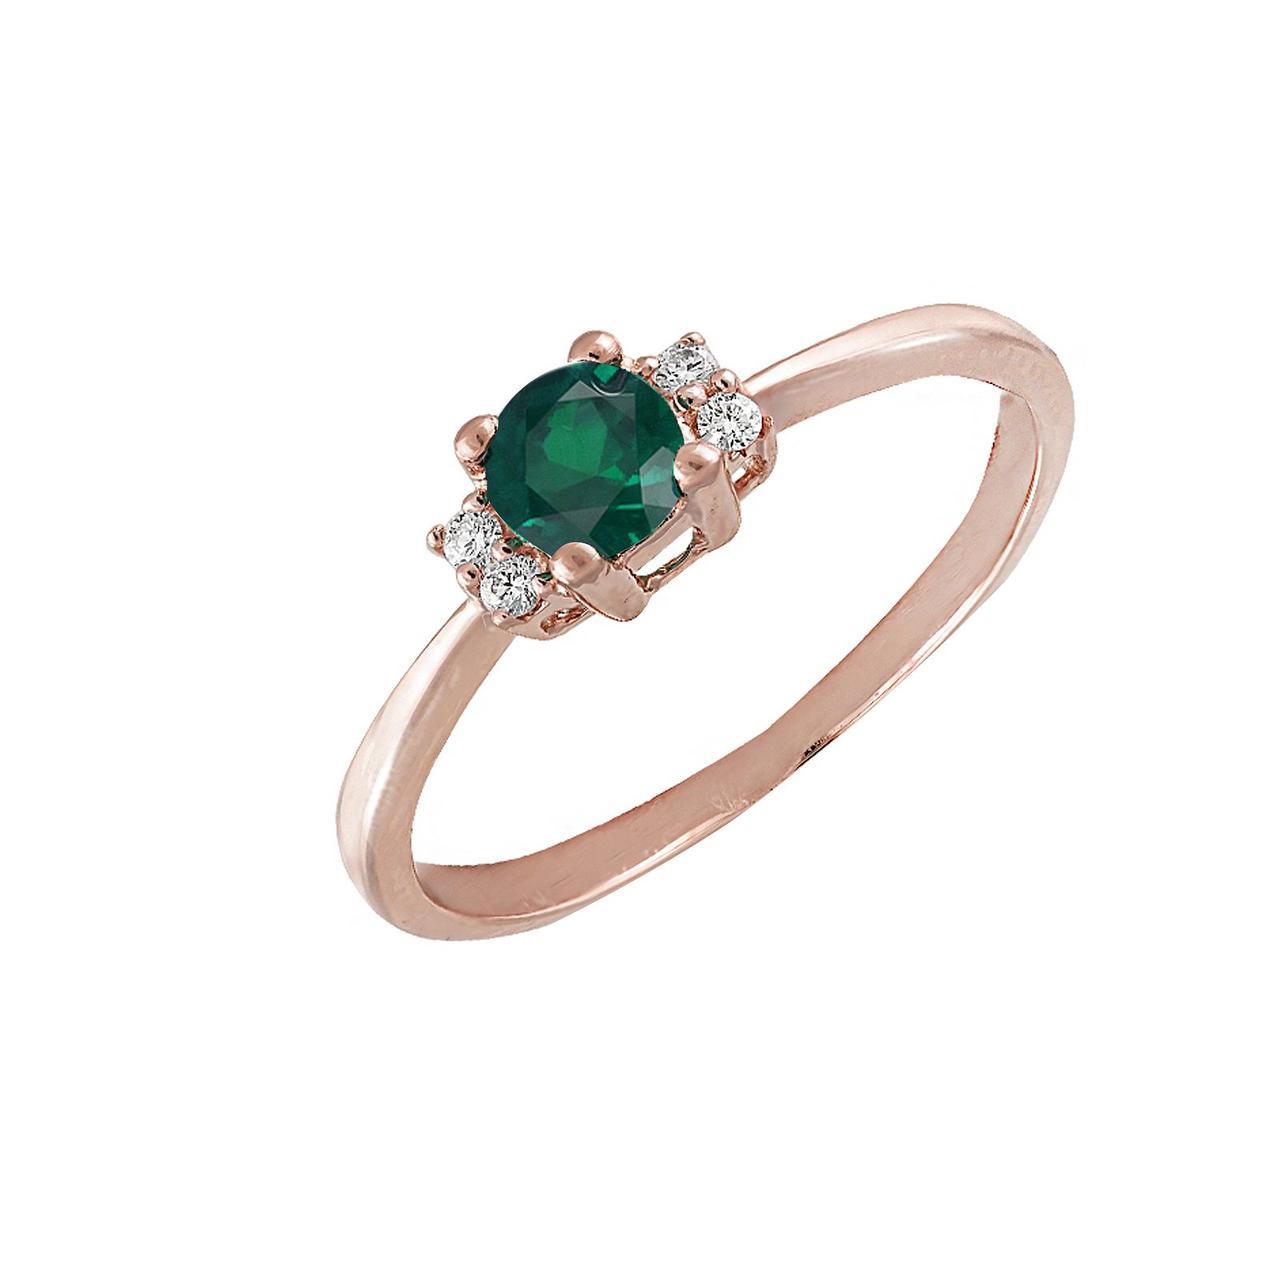 Золотое кольцо с бриллиантами и изумрудом, размер 17 (057606)